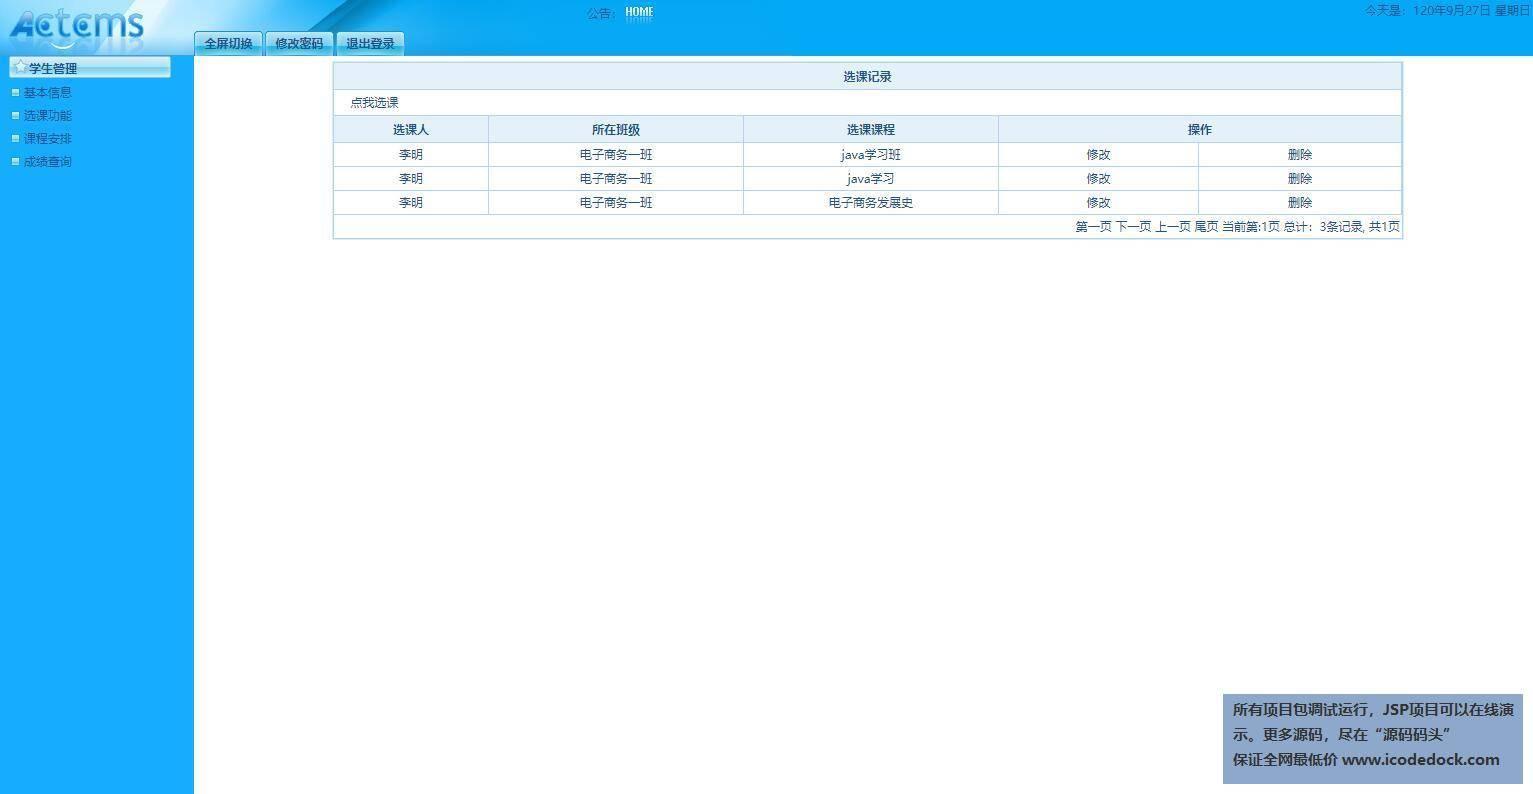 源码码头-JSP高校教务排课管理系统-学生角色-选课功能安排